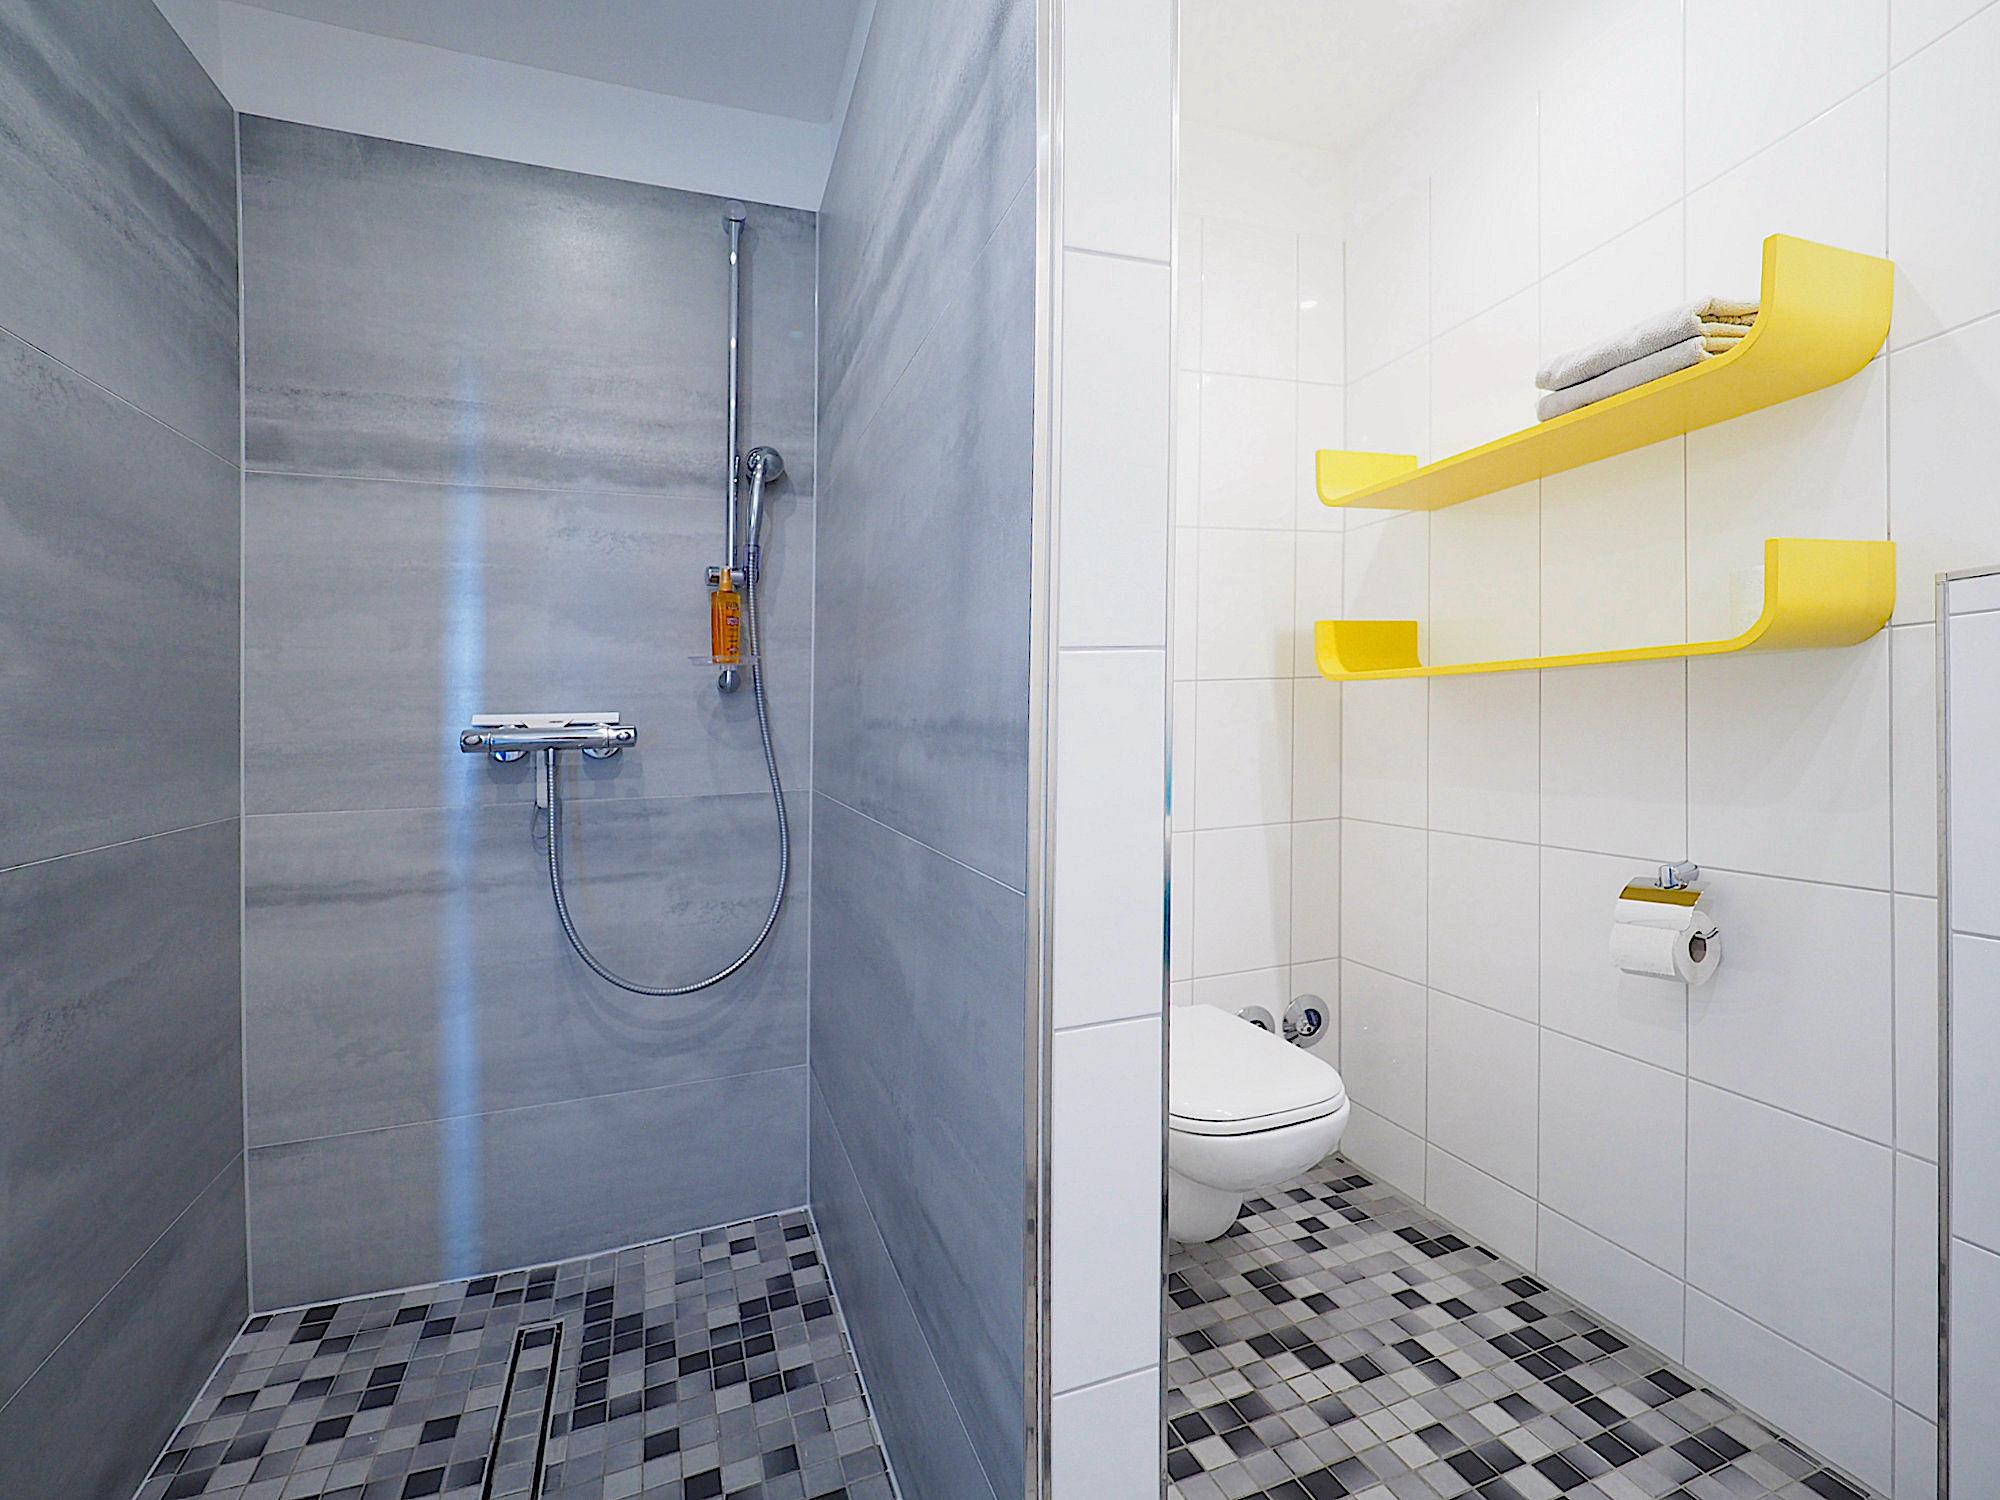 Duschbad mit bodentiefer Dusche, WC und zwei Regalen